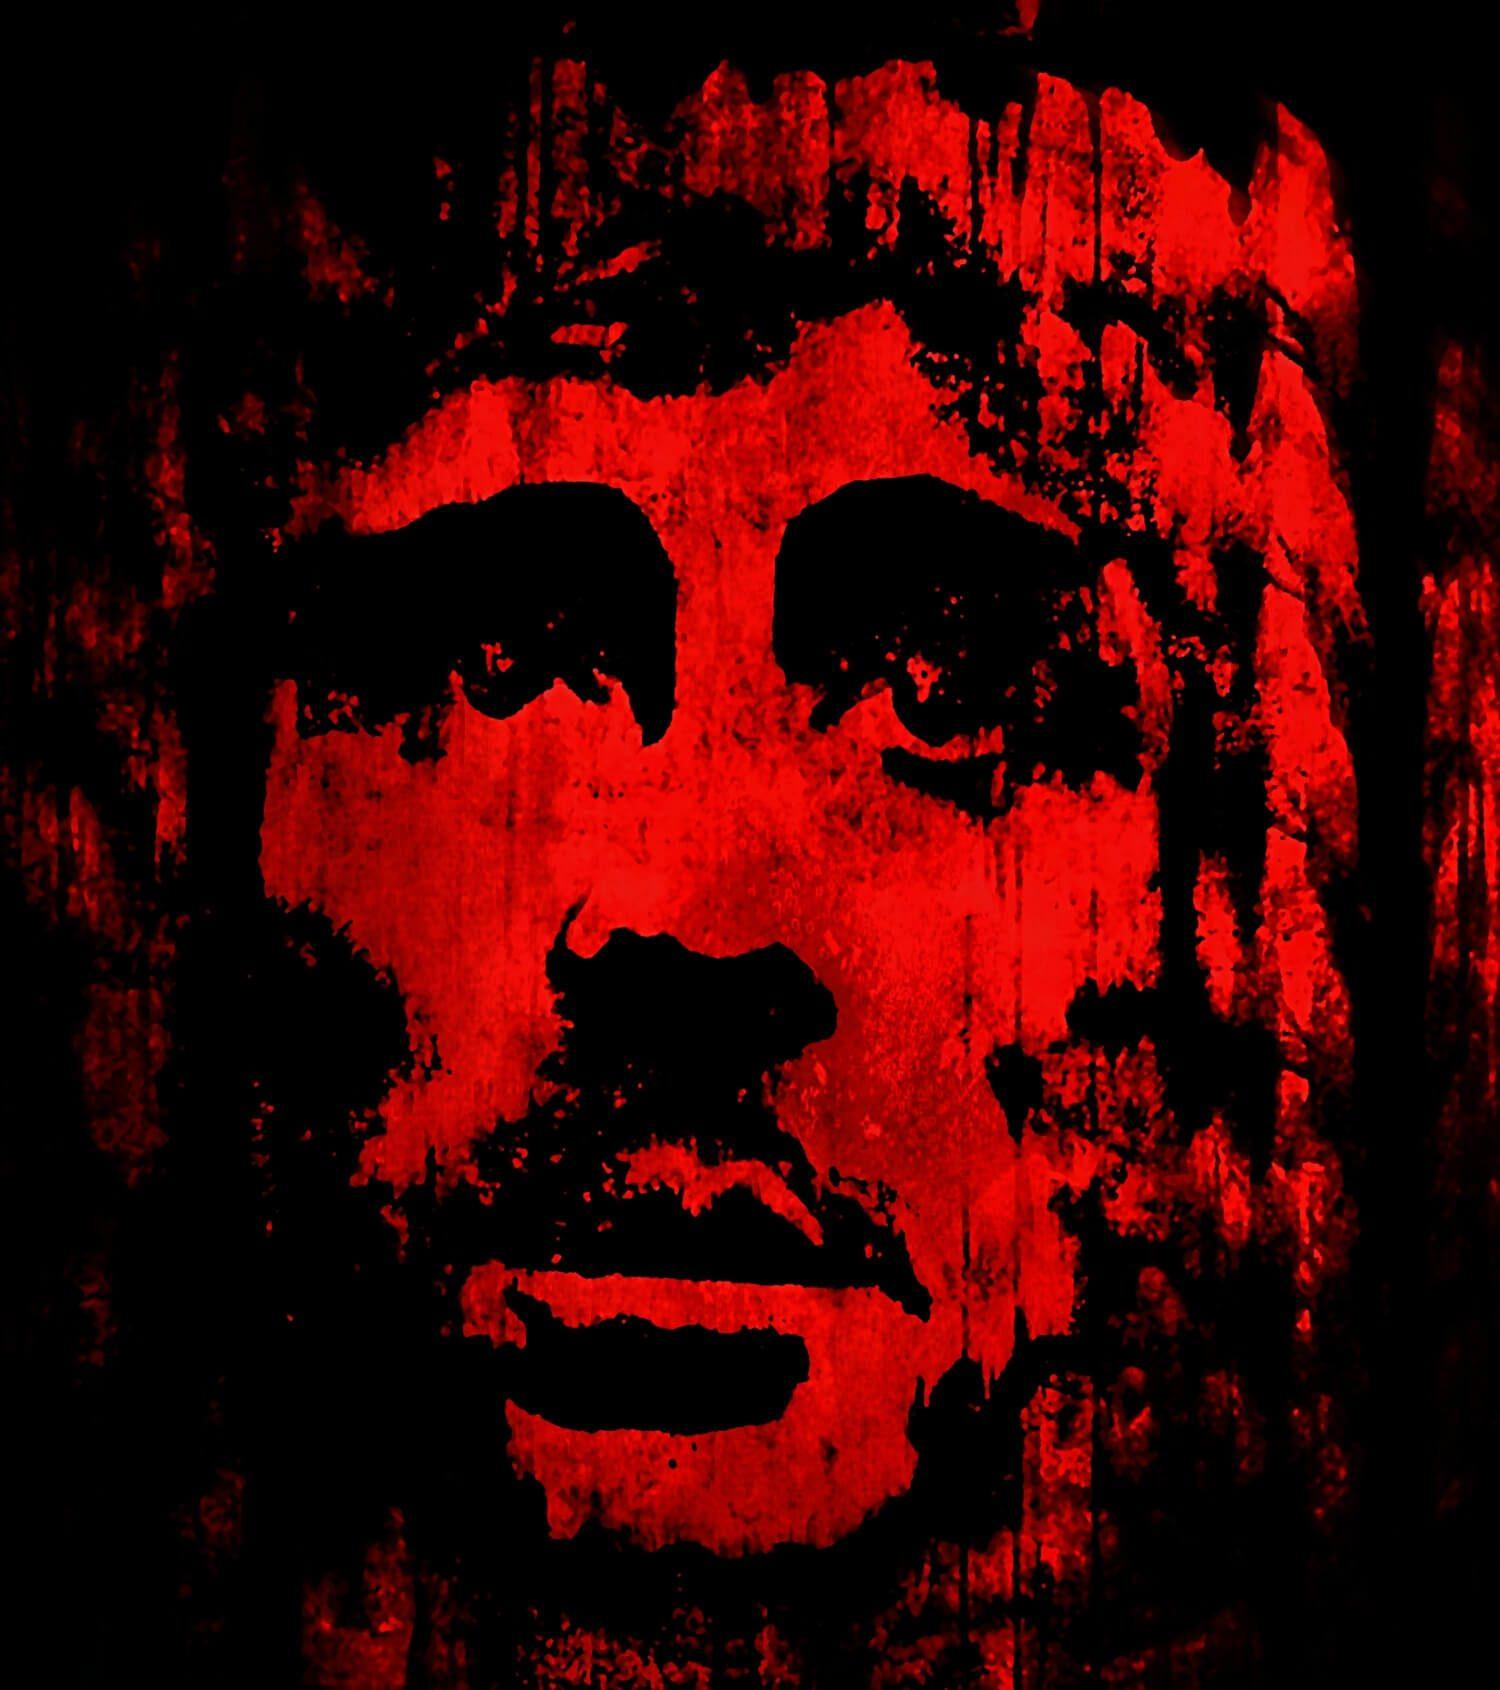 HOHLBAUM.ART I Kafka I The Unsung Hero I Red Edition I Interiour